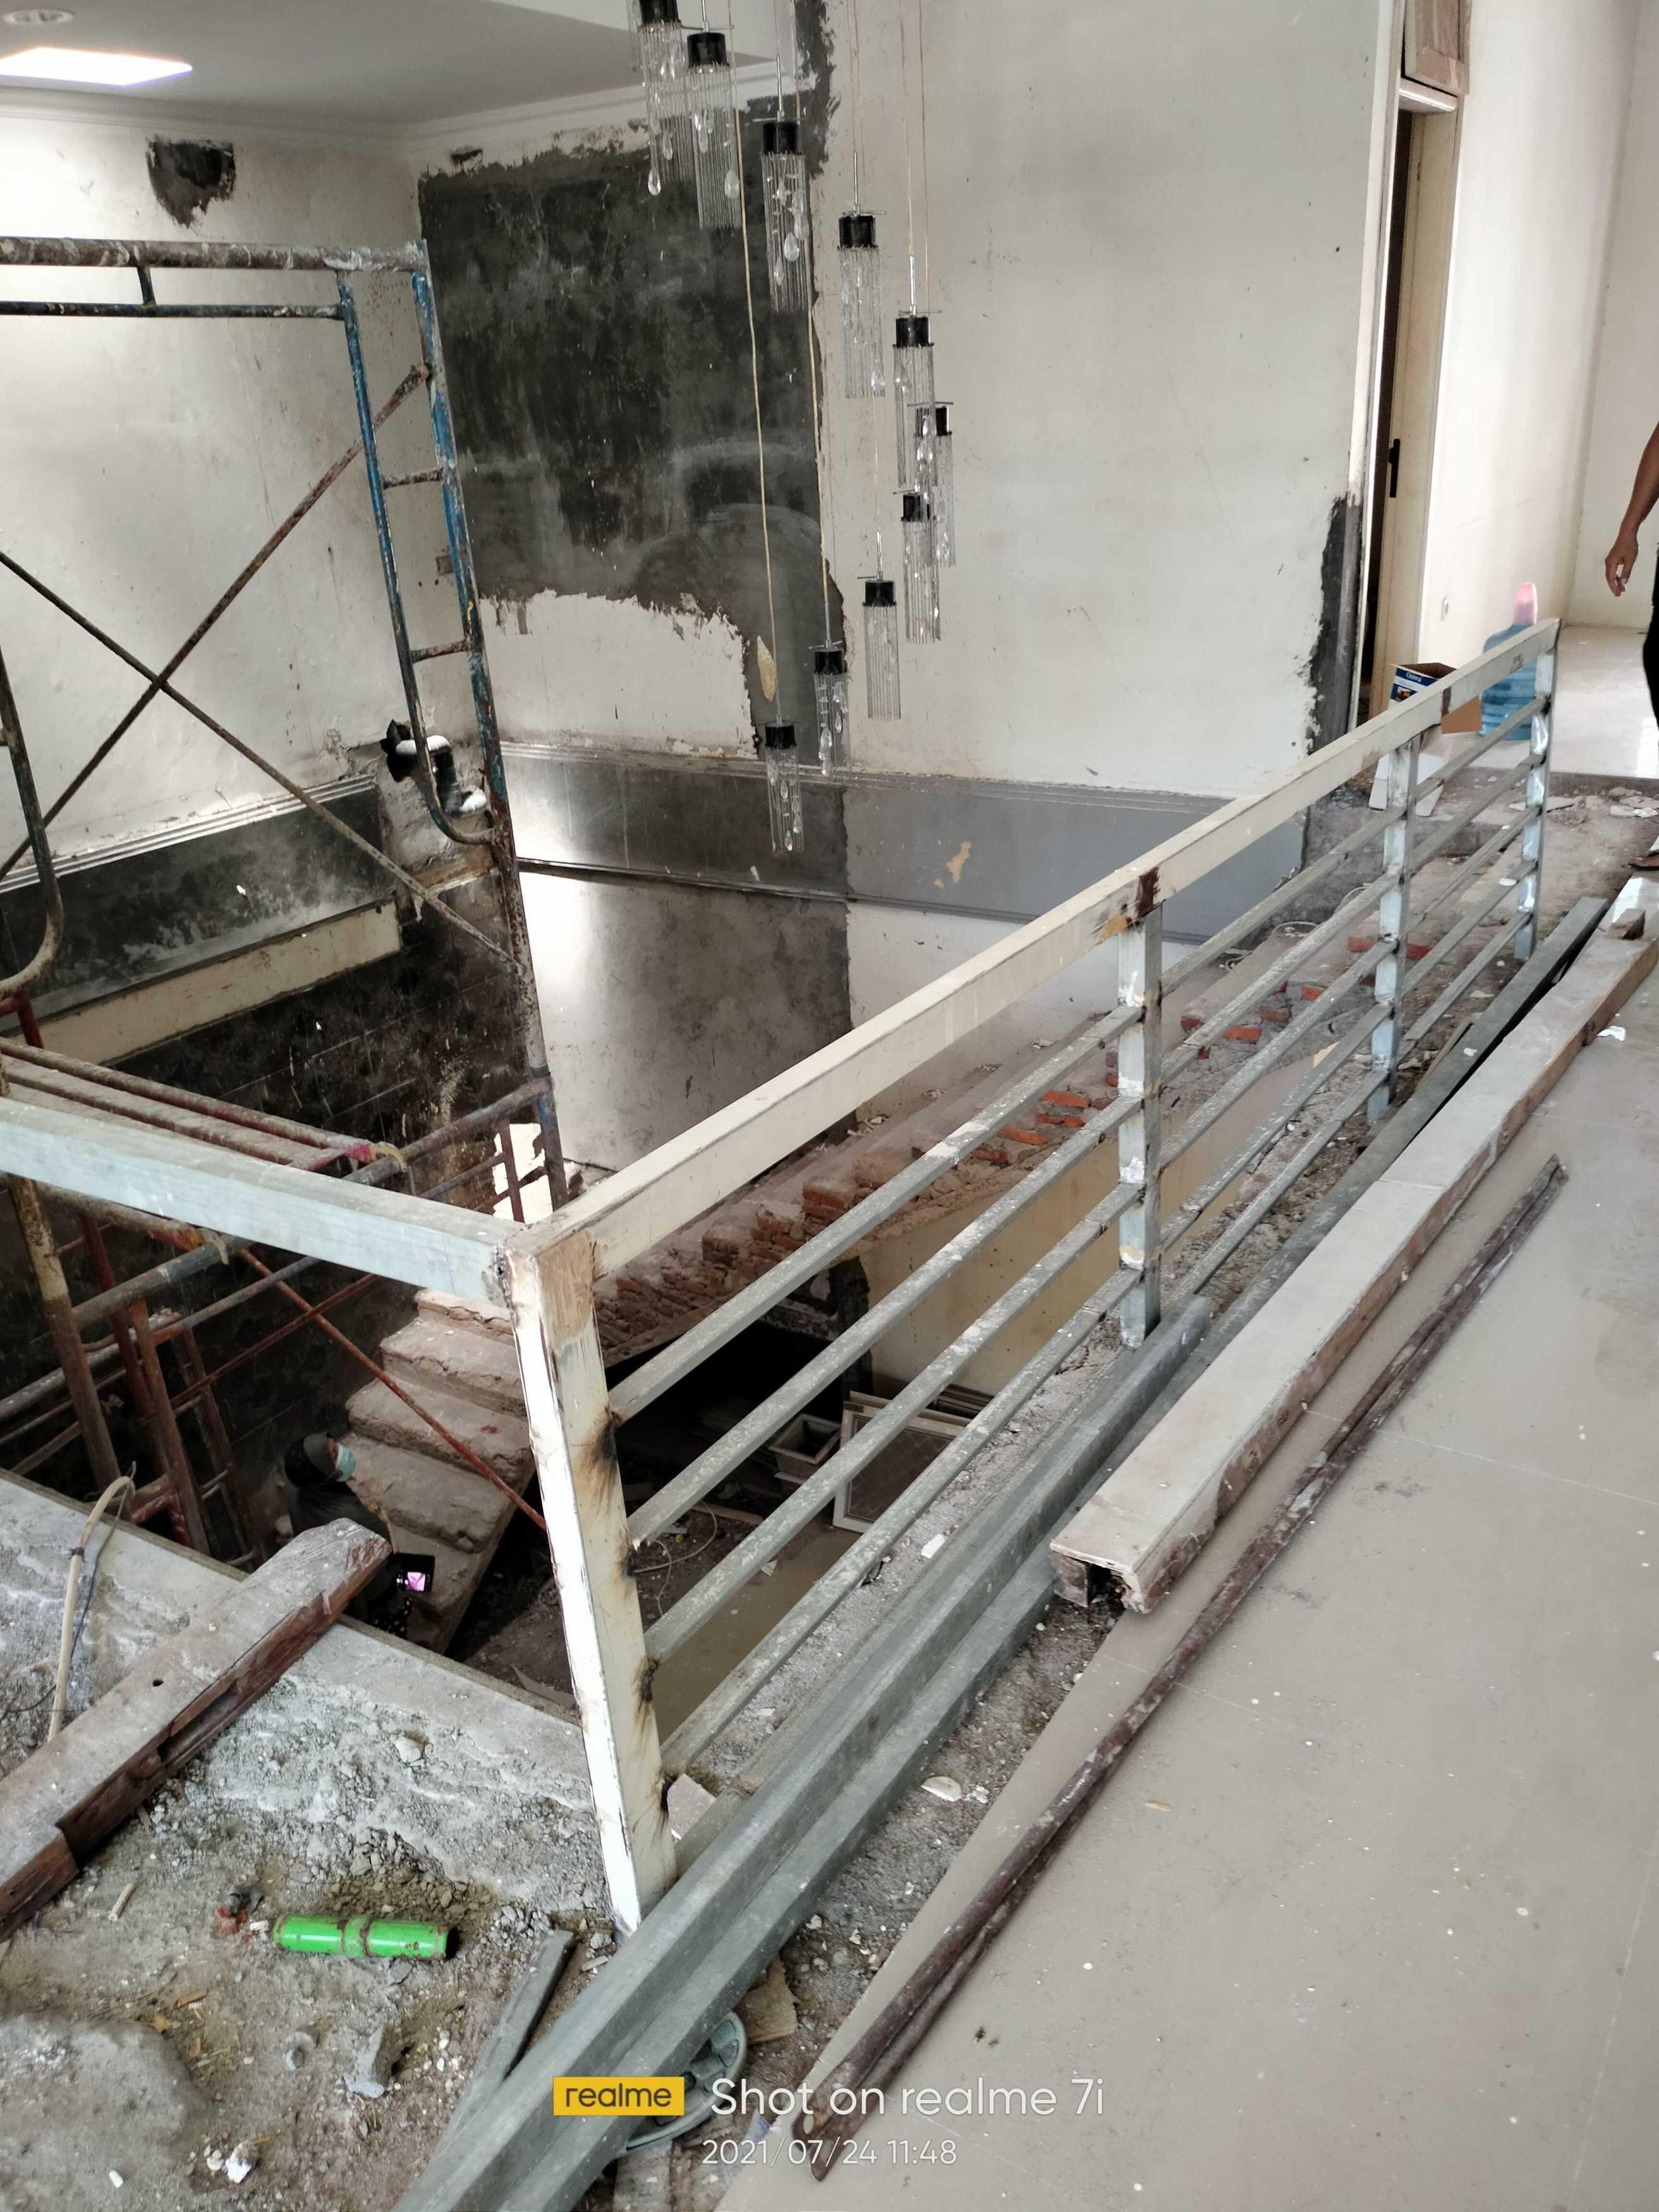 R2 Bangun Jaya Renovasi Rumah Ibu Yuli Surabaya, Kota Sby, Jawa Timur, Indonesia Surabaya, Kota Sby, Jawa Timur, Indonesia R2-Bangun-Jaya-Renovasi-Rumah-Ibu-Yuli   131311